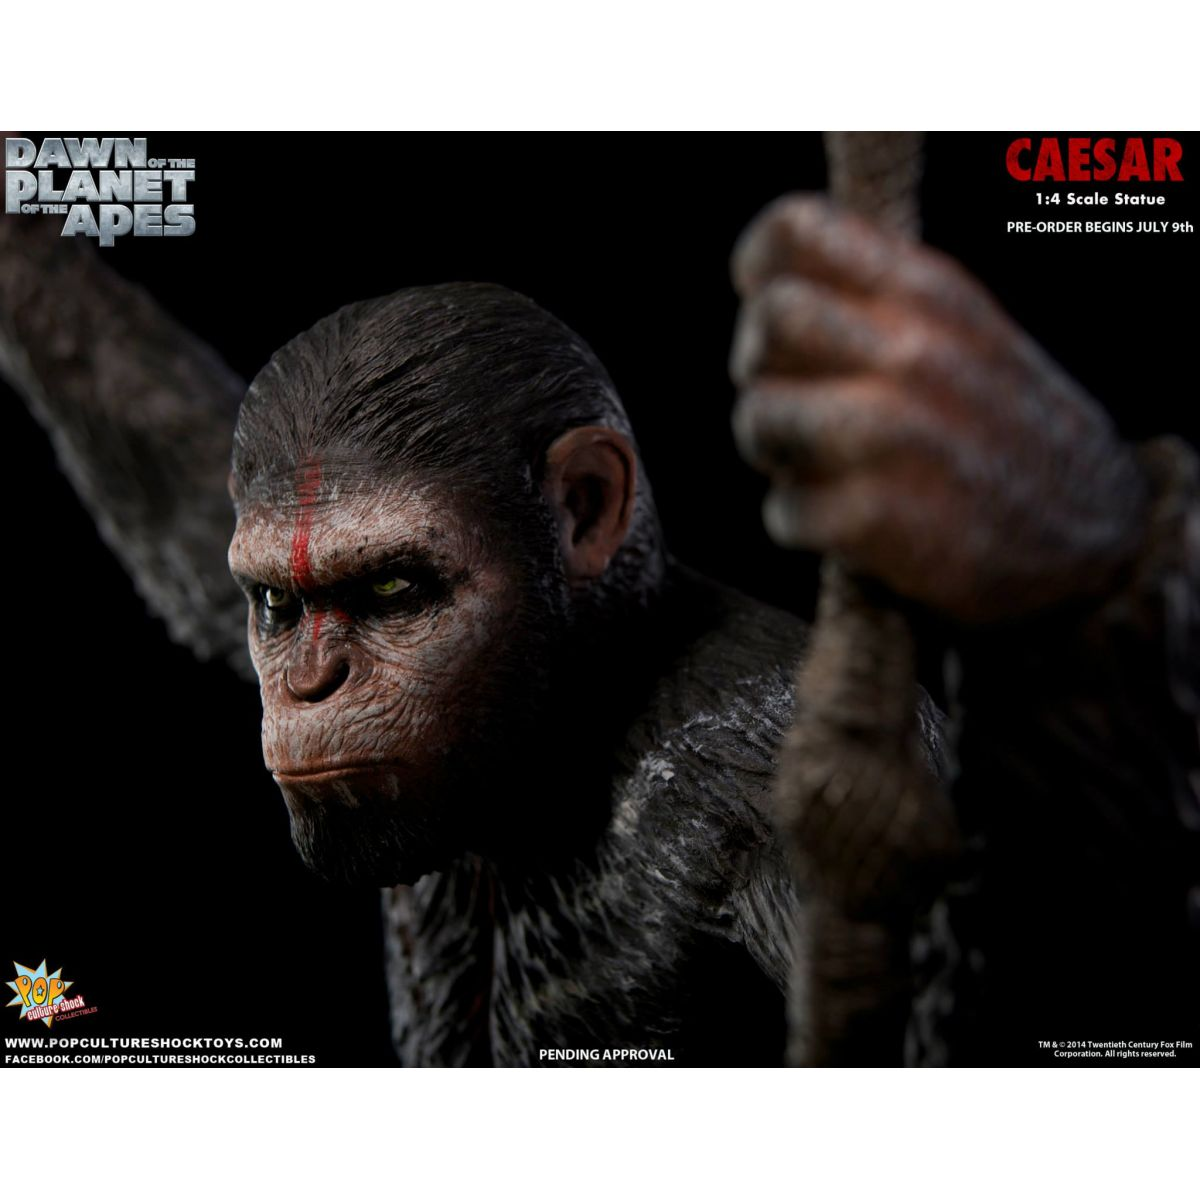 Estátua César (Caesar): Planeta dos Macacos: O Confronto Escala 1/4 - Pop Culture Shock - CD